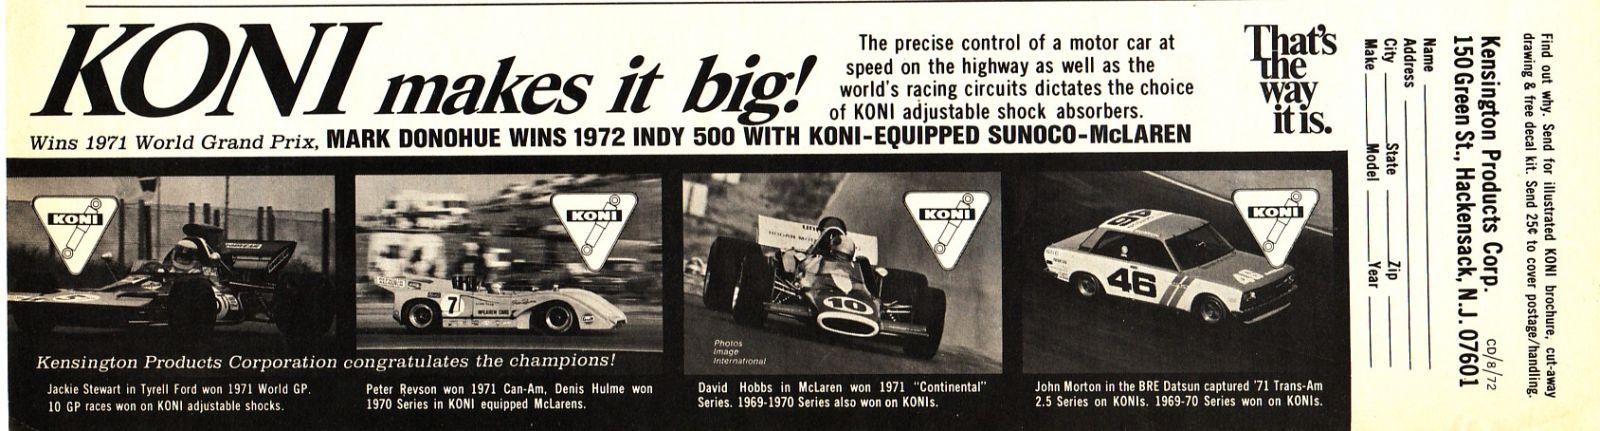 Koni Ad (Aug 72 Car and Driver)